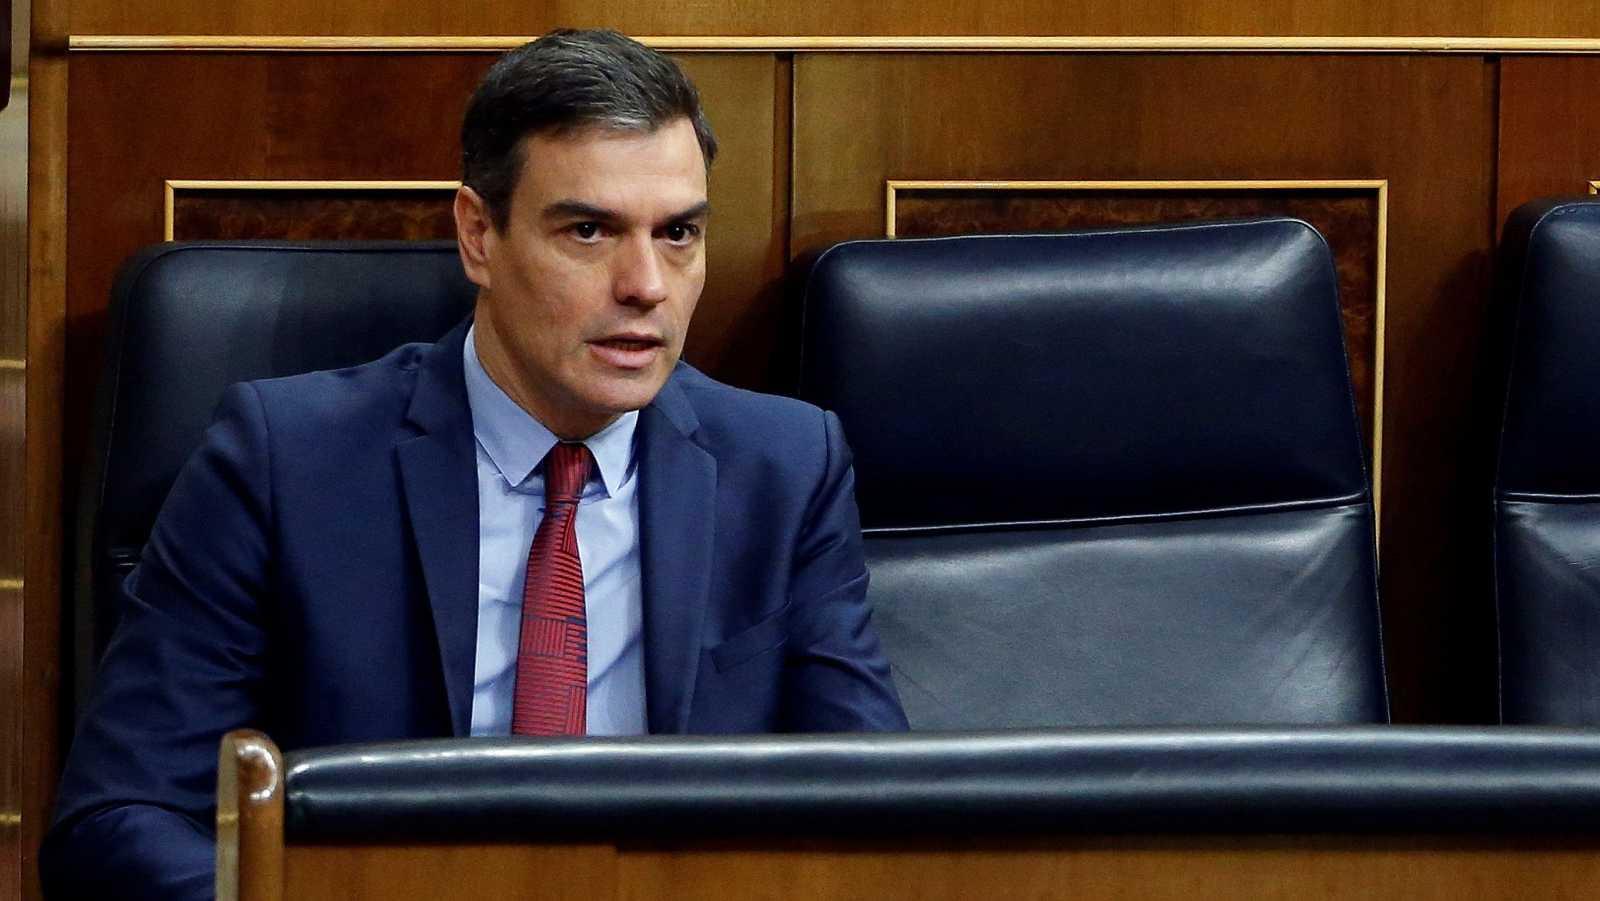 """El presidente del Gobierno, Pedro Sánchez, ha planteado la idea de hacer unos nuevos Pactos de la Moncloa como los de 1977,para hacer frente a la crisis de coronavirus.""""Lo que les propongo es un gran acuerdo para la reconstrucción eco"""